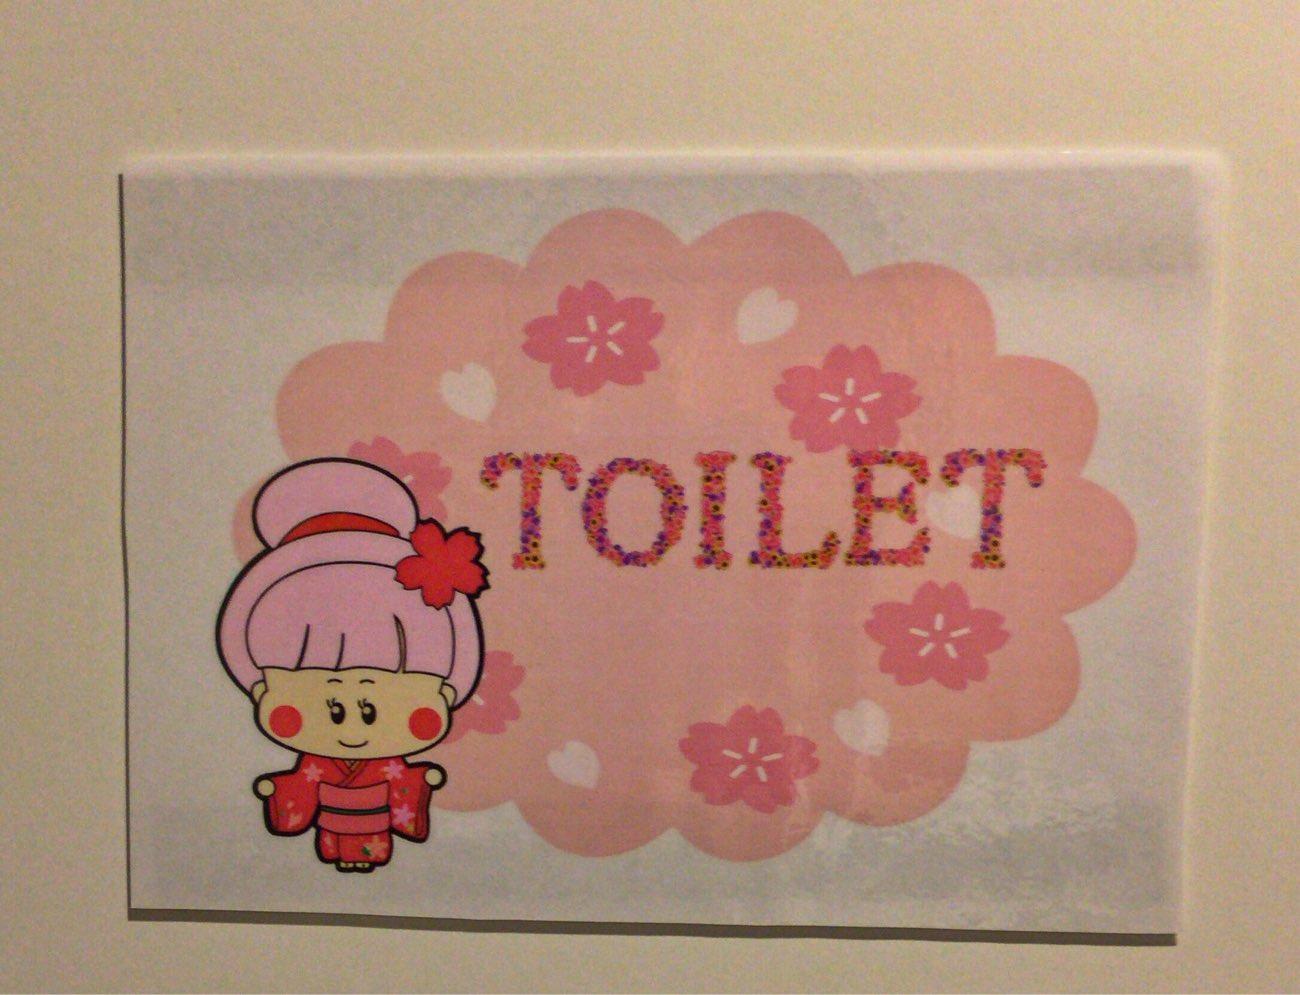 トイレのドアにはこんな張り紙が